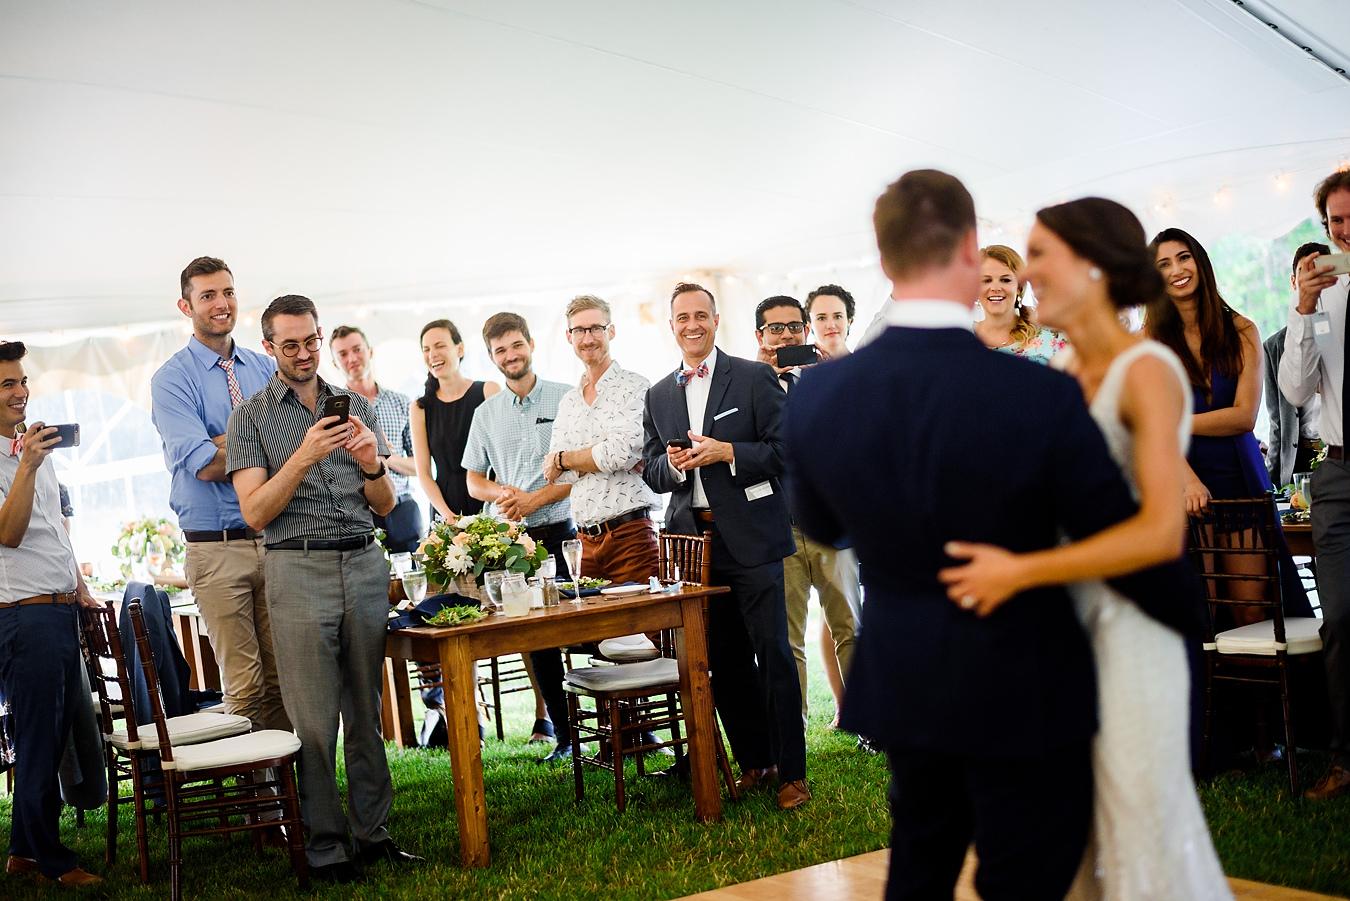 dennis_inn_wedding_053.JPG